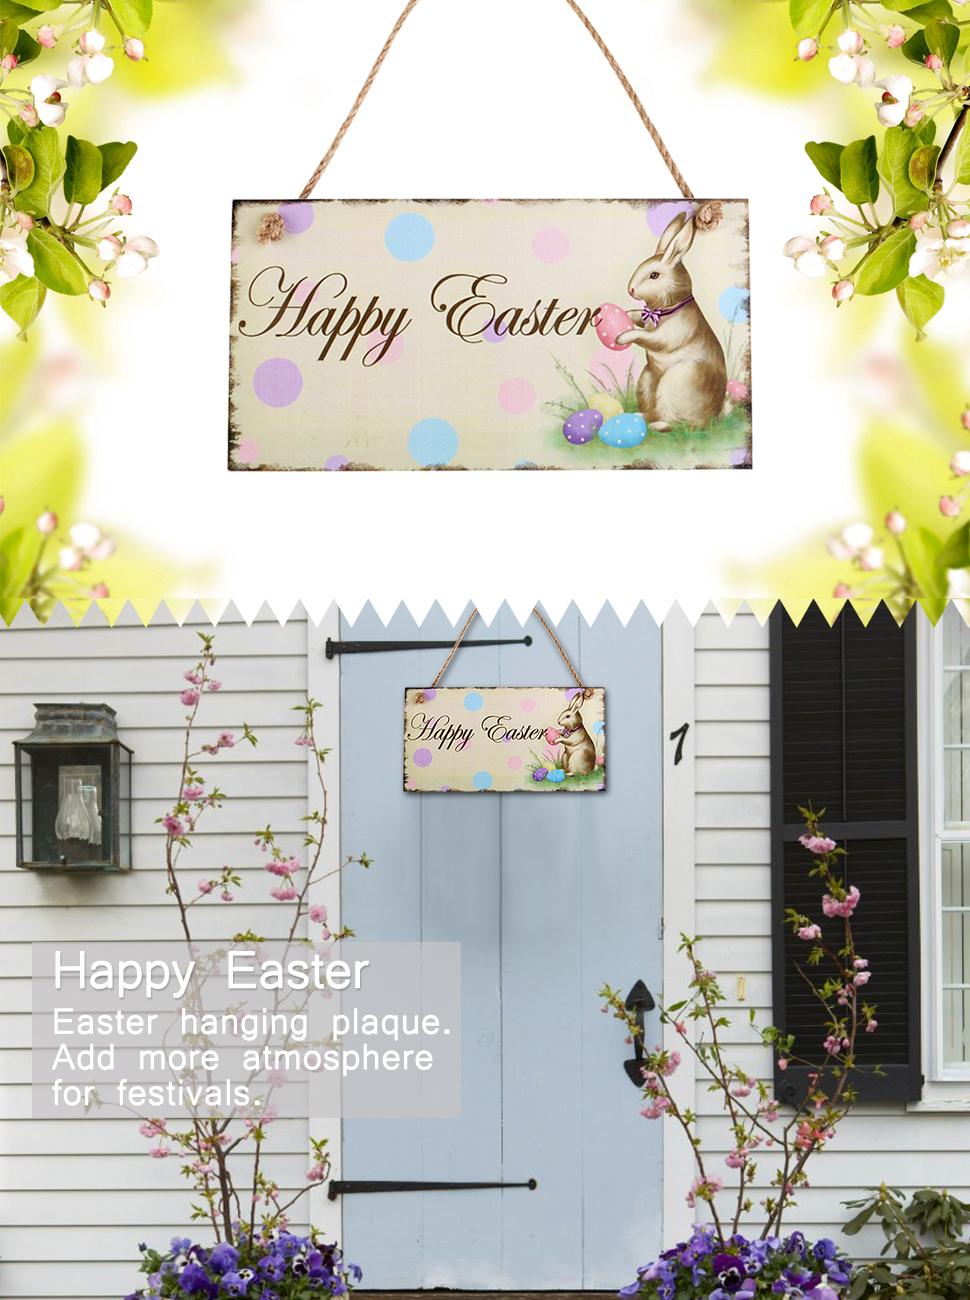 BESTOYARD Easter Bunny Decor Easter Door Hanger Happy Easter Rabbit Wooden Hanging Wall Door Decoration Sign & Amazon.com: Easter Bunny Decor Easter Door Hanger Happy Easter ... pezcame.com